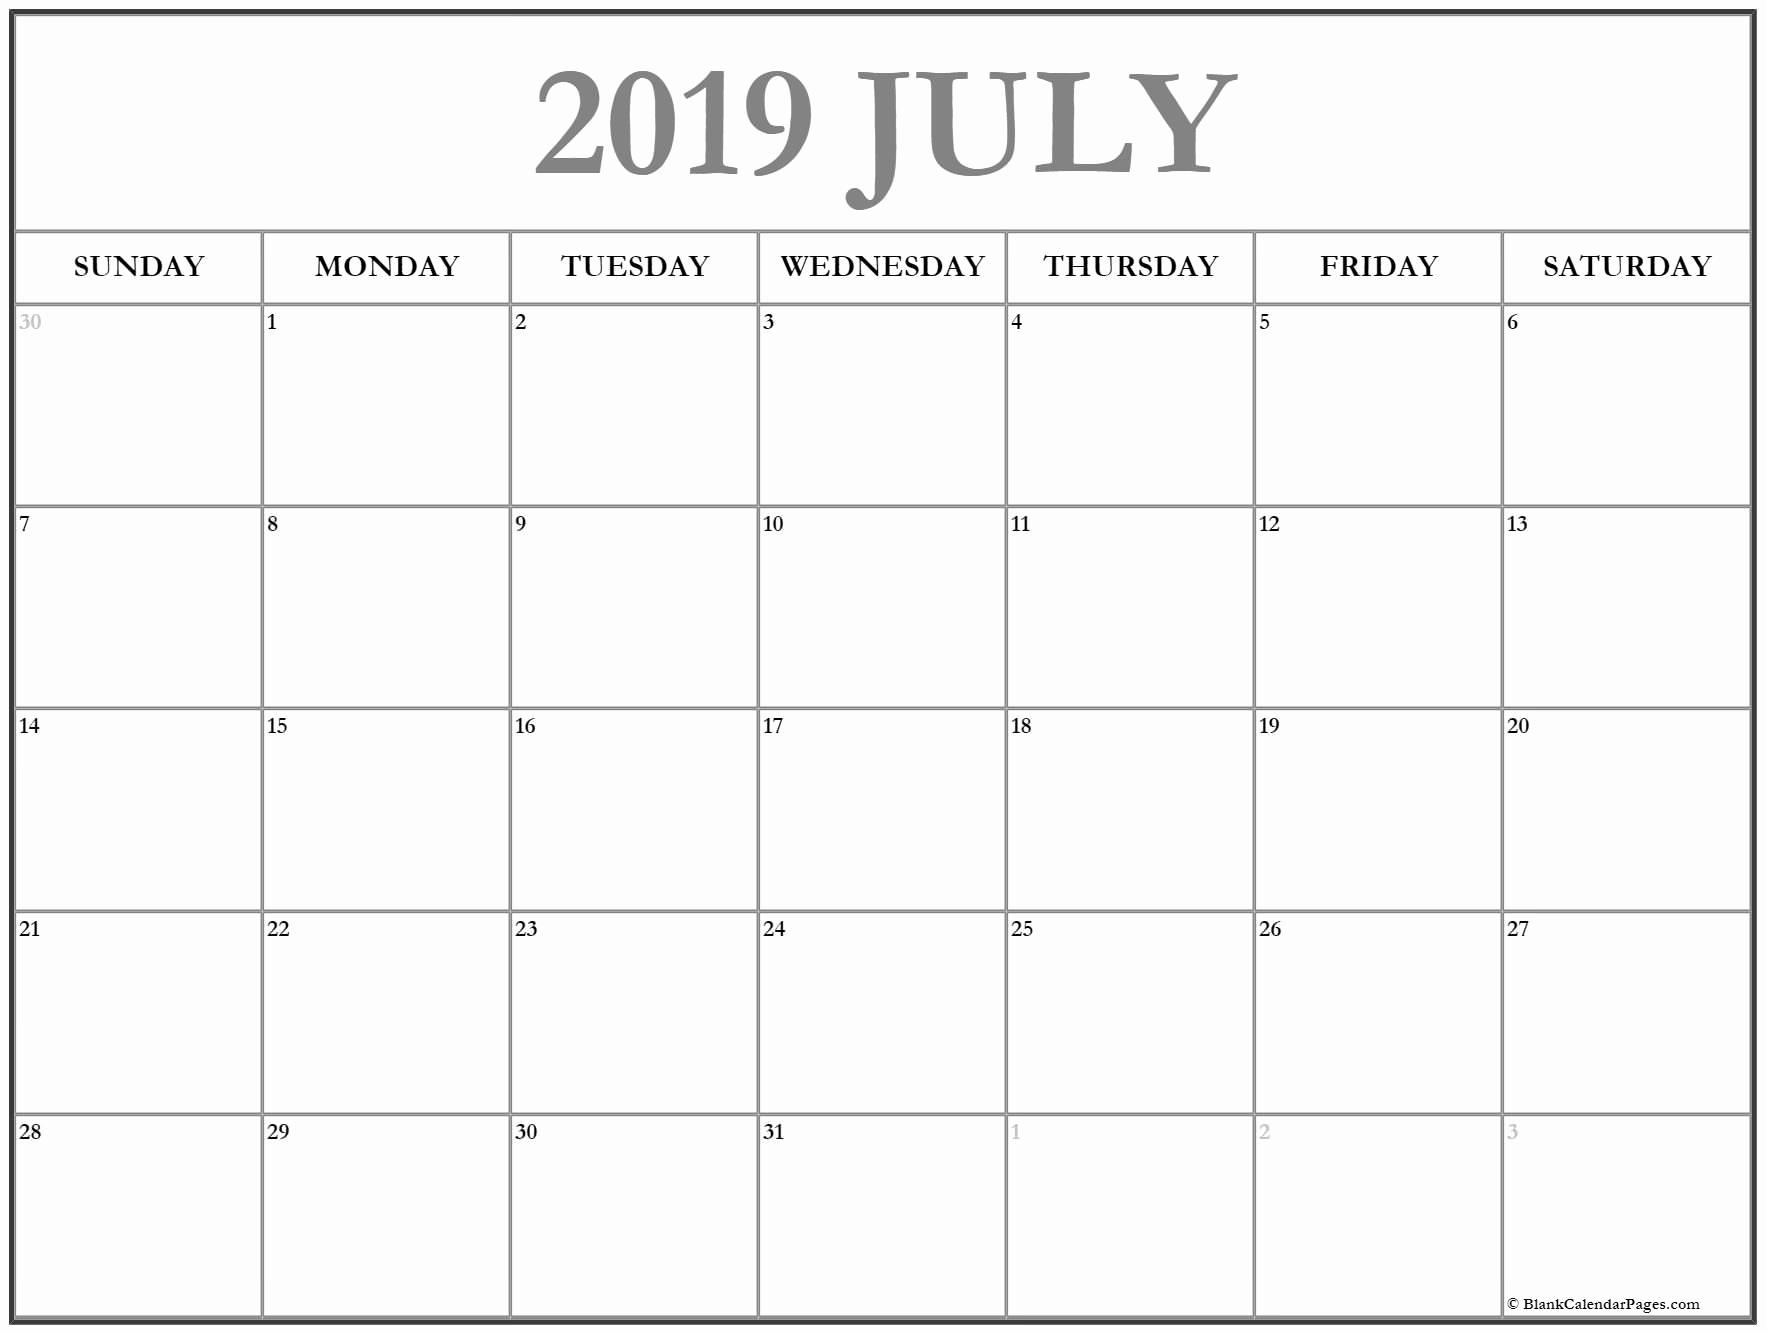 July Calendar Template 2019